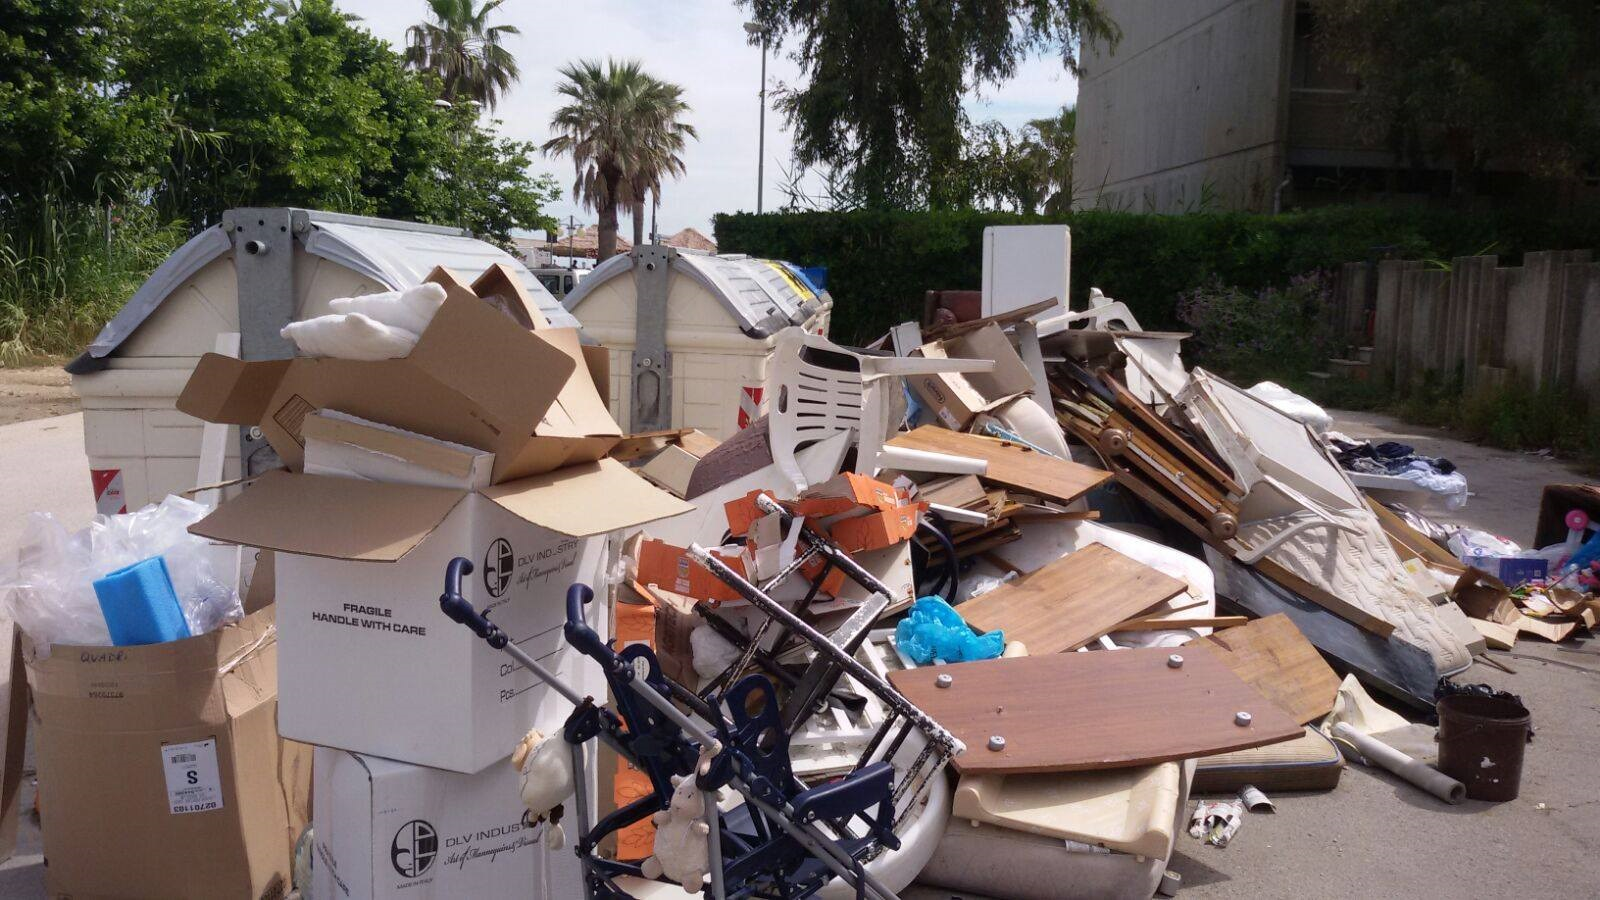 Bari sommersa dai rifiuti: è emergenza